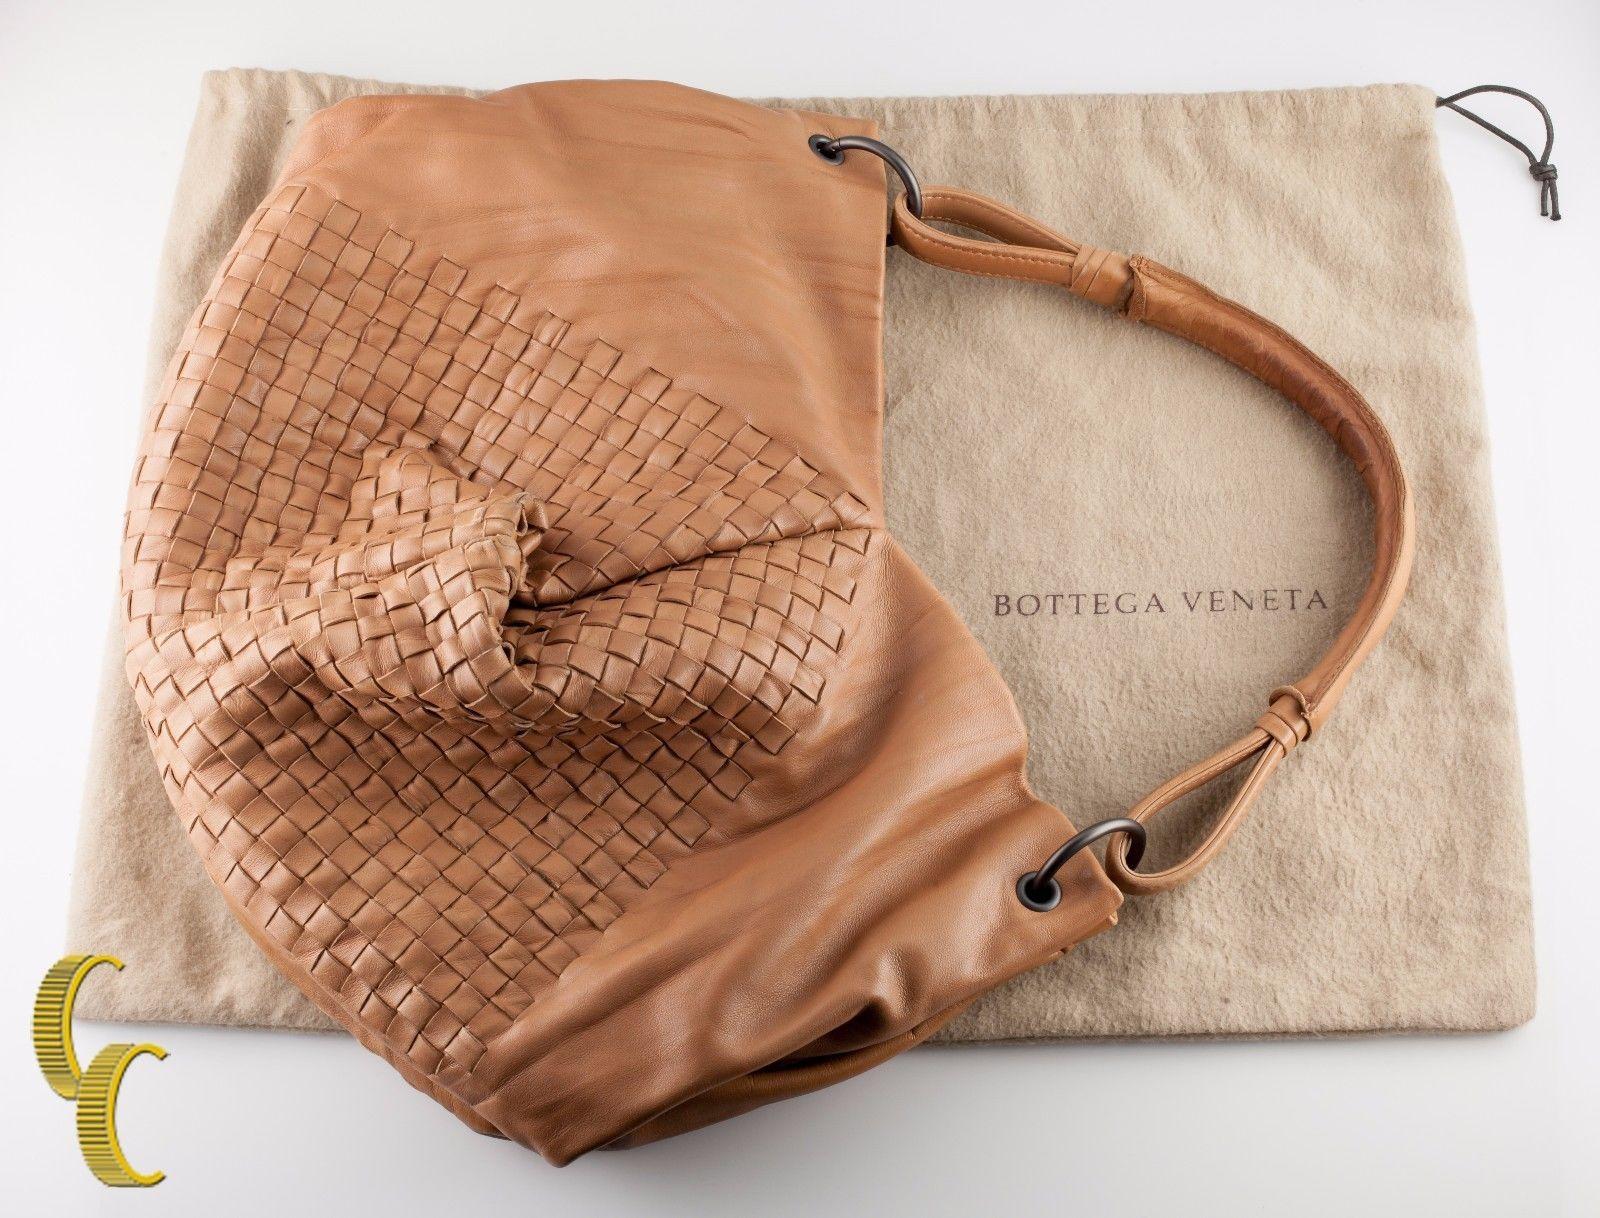 Bottega Veneta Leather Intrecciato Nappa Aquilone Fortune Cookie Hobo Bag Purse - $989.99